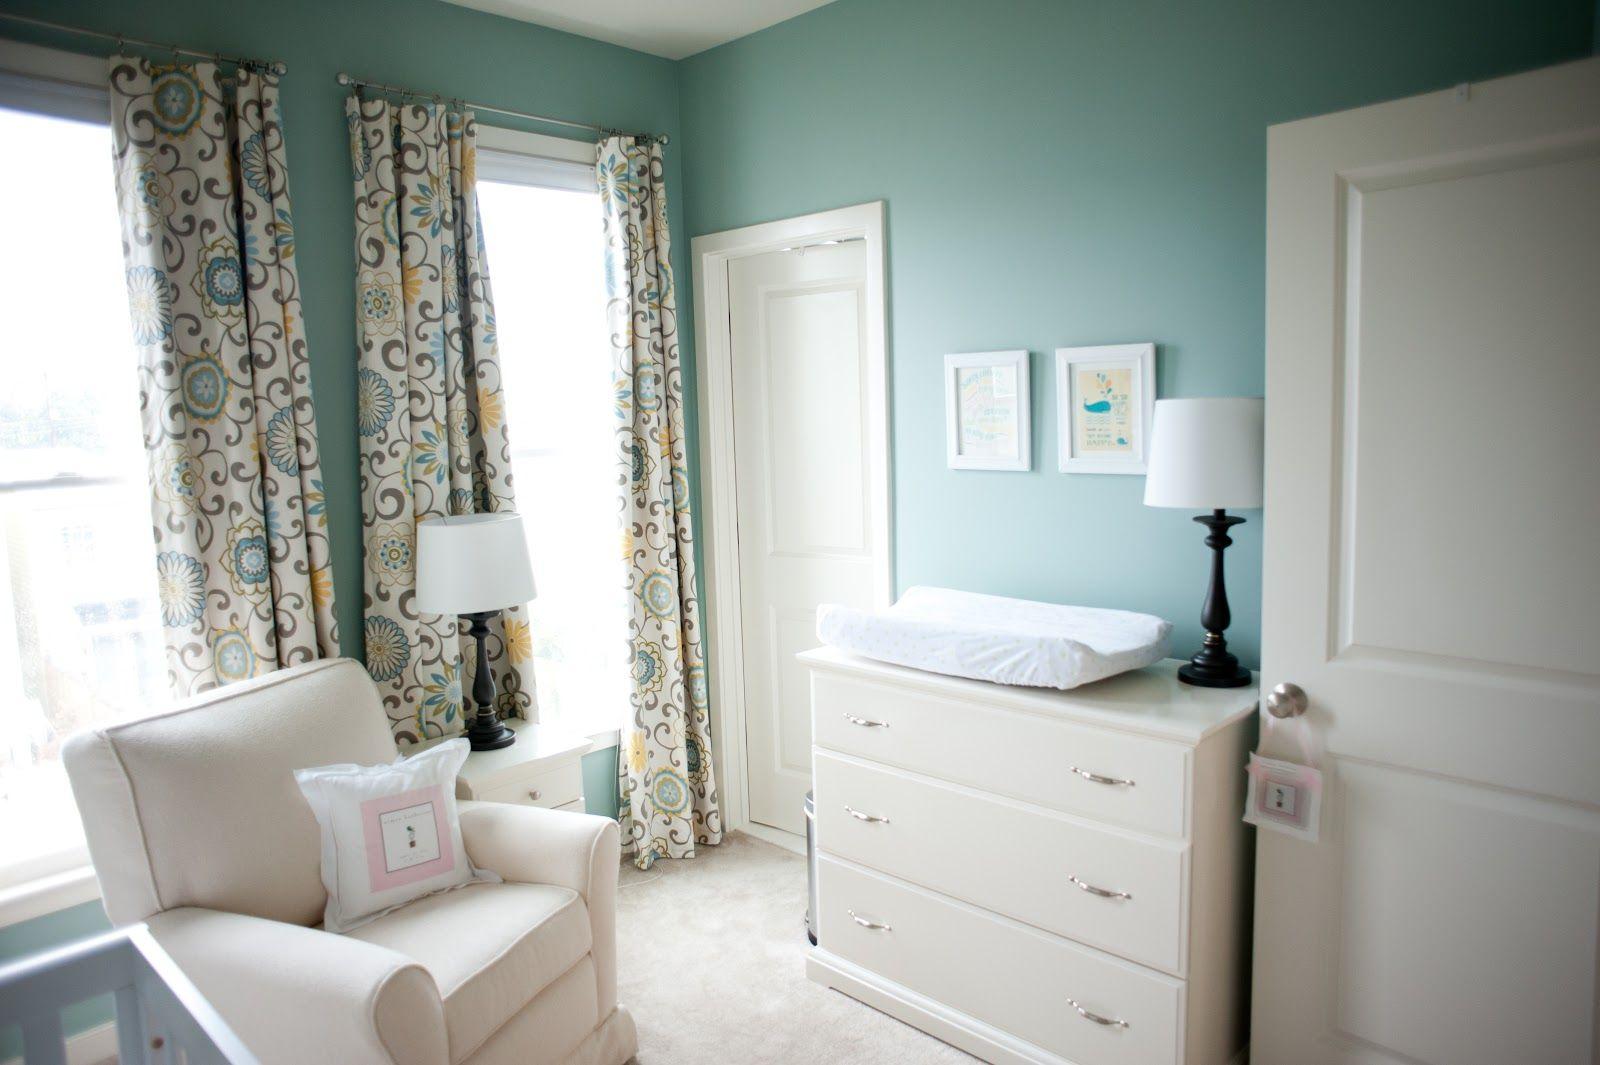 bm wythe blue paint nursery colors love the curtains